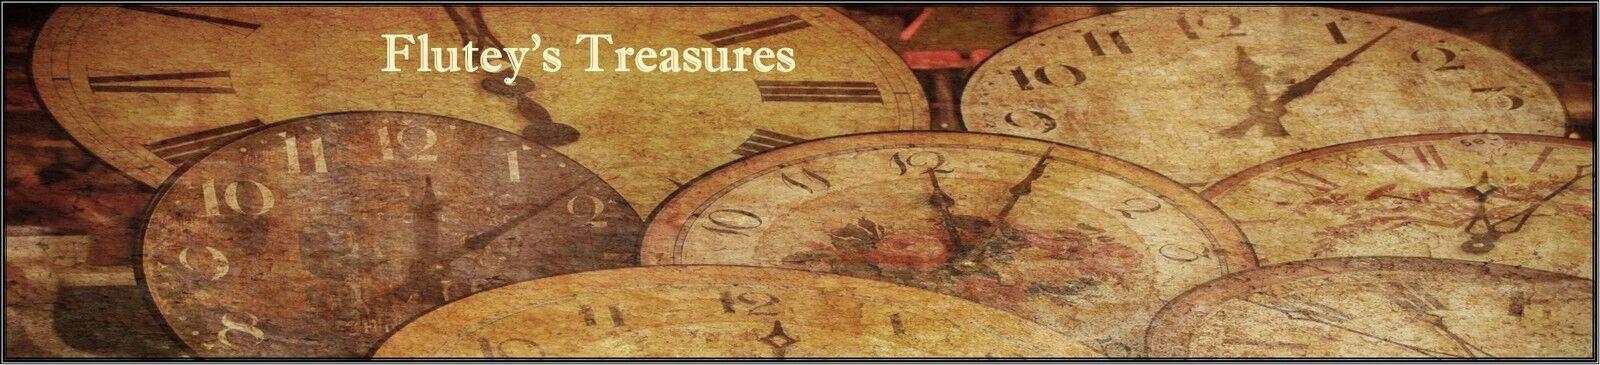 Fluteyloop's Treasures